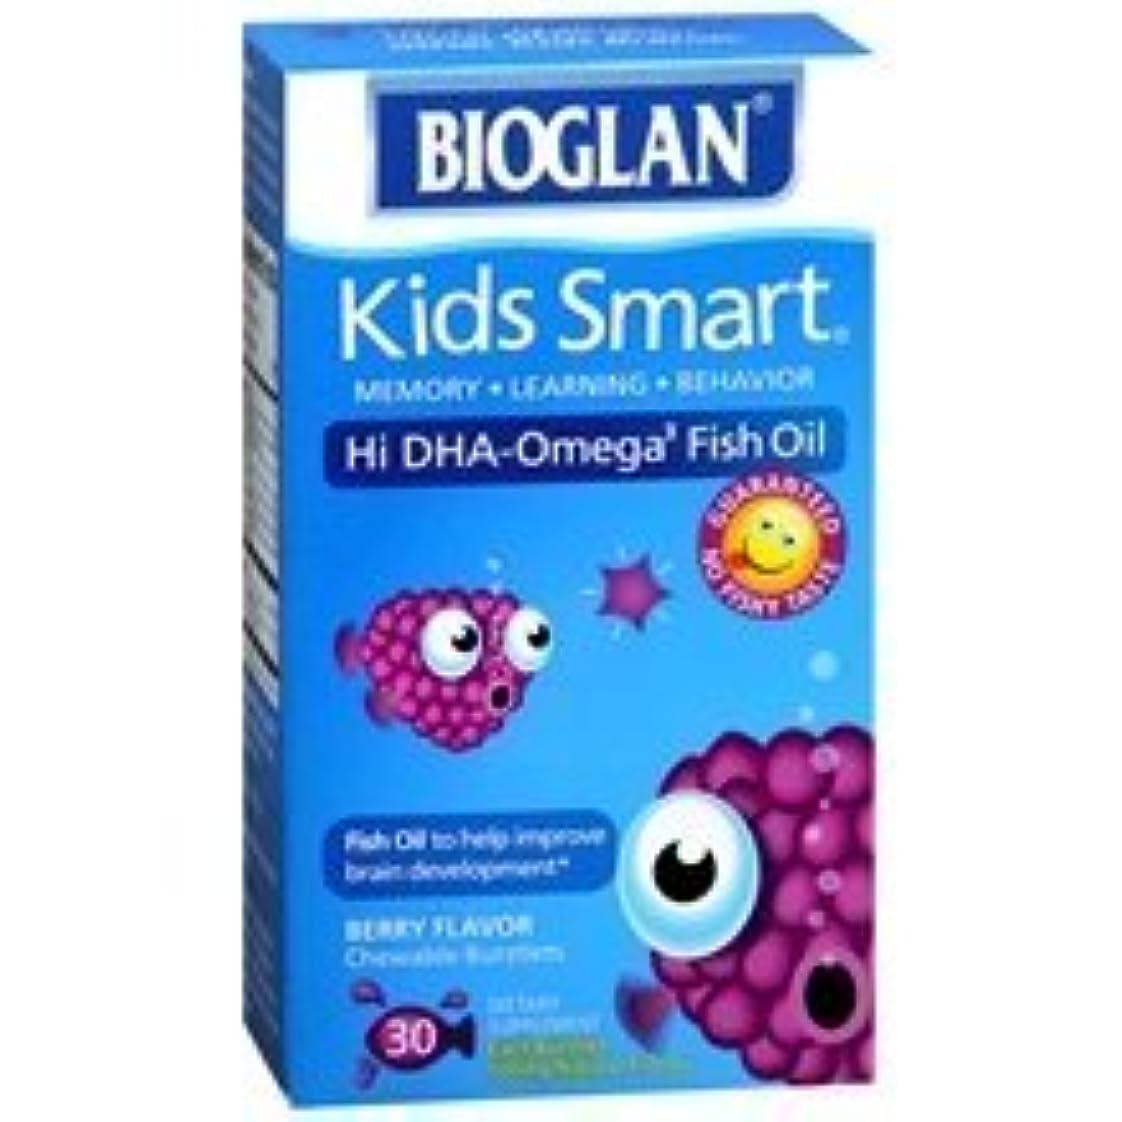 死ぬ専門正確なBioglan Kids Smart Hi DHA-Omega3 Fish Oil 500 mg Dietary Supplement Burstlets Berry Flavor 30.0 ea. (Quantity...